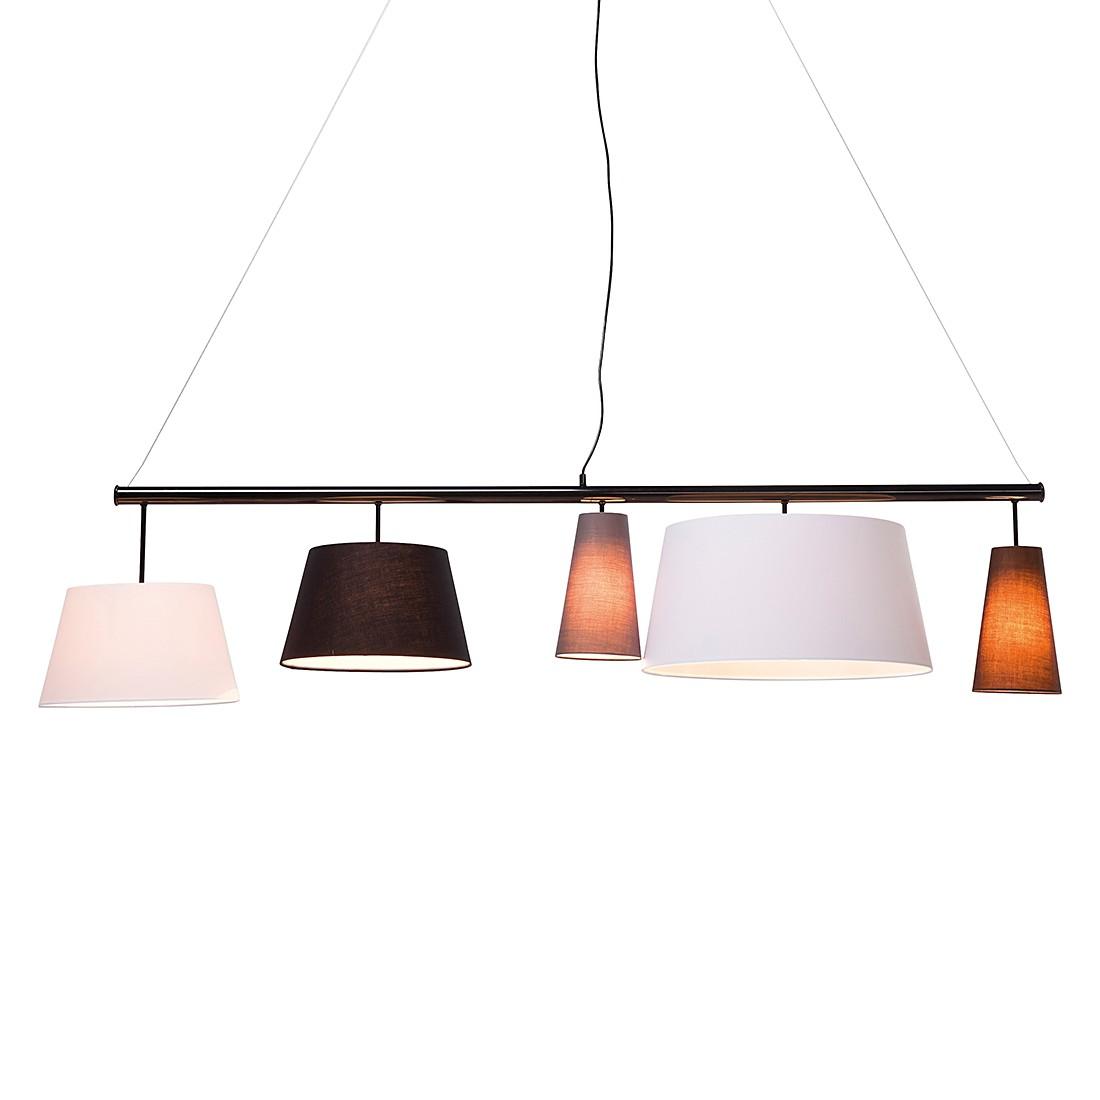 Lampada a sospensione Parecchi, Kare Design